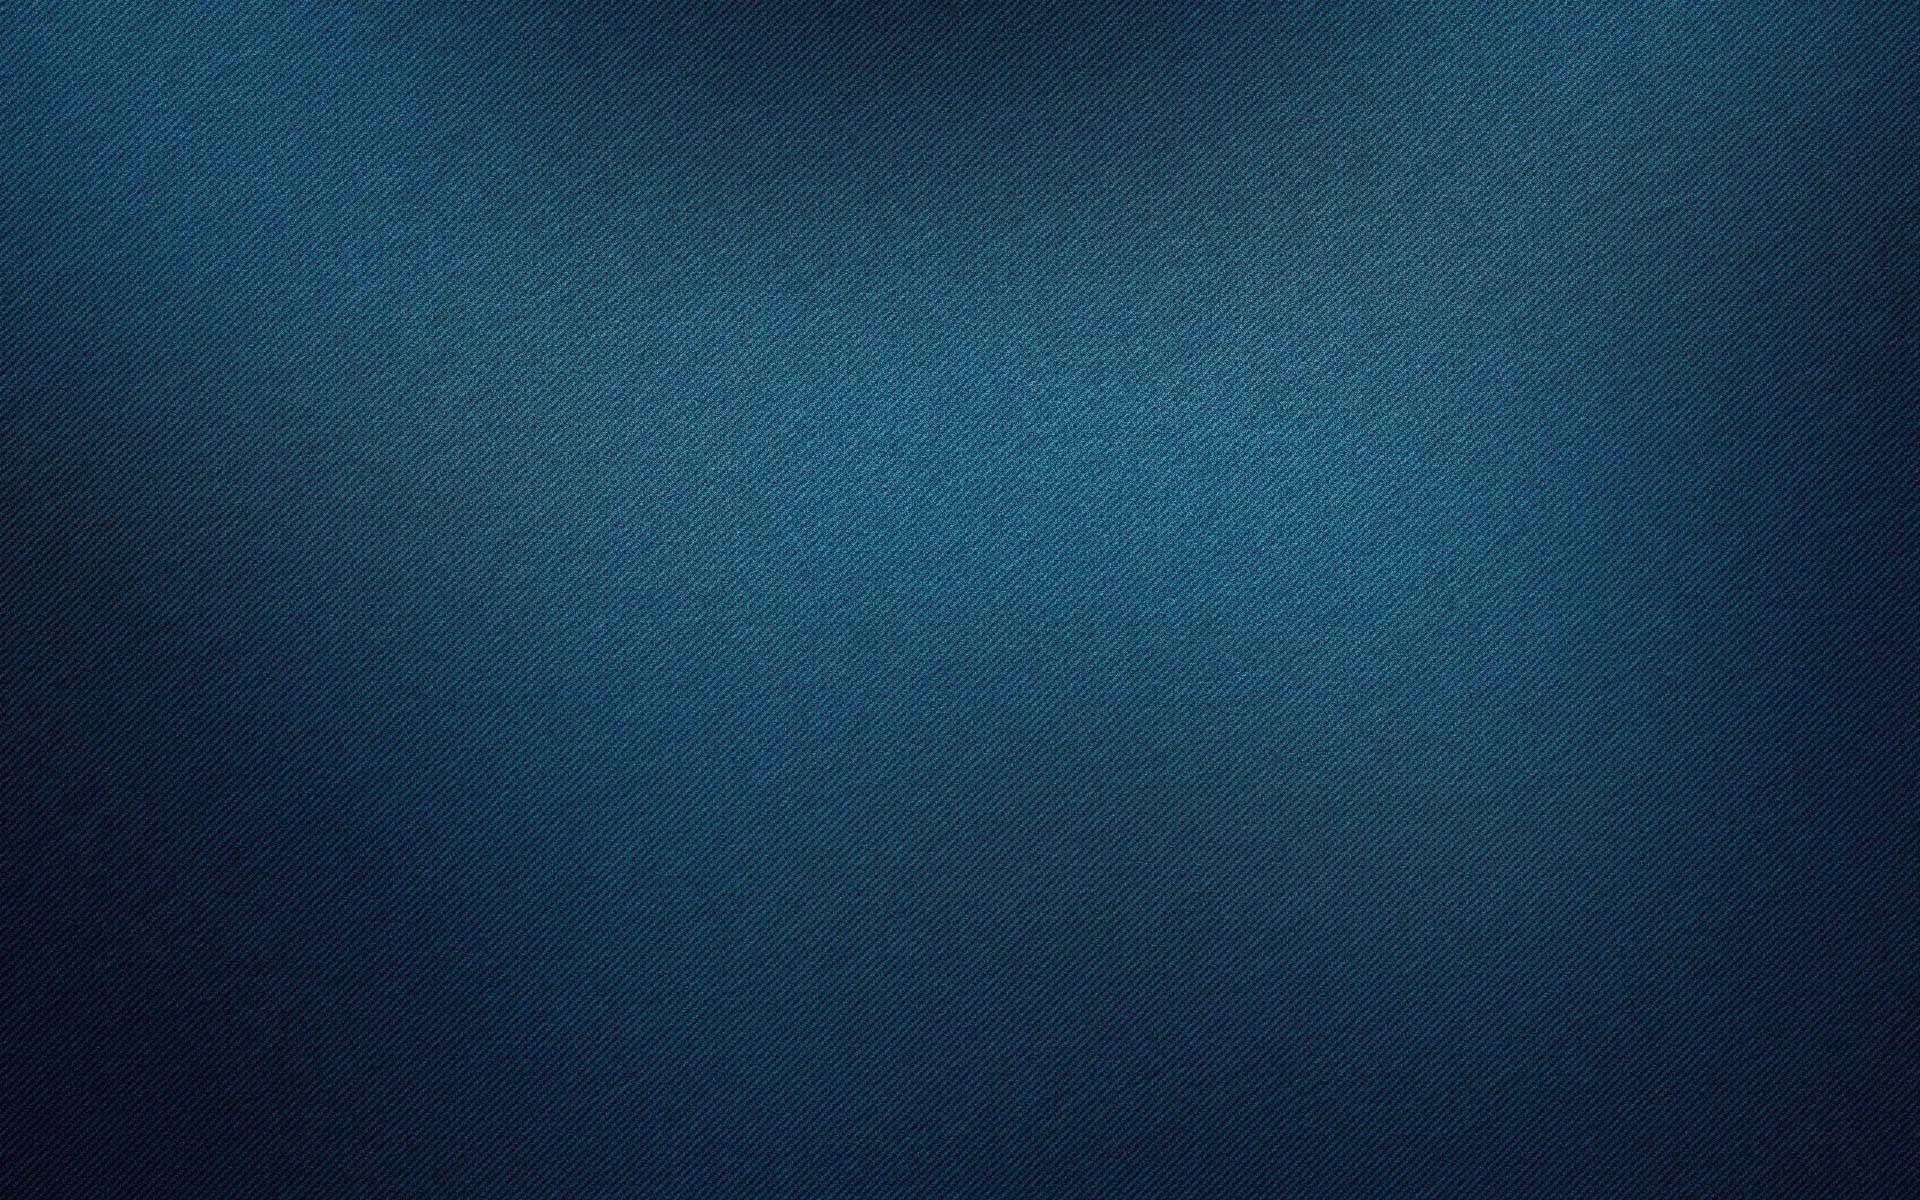 General 1920x1200 Texture Gradient Blue Hd Plain Background